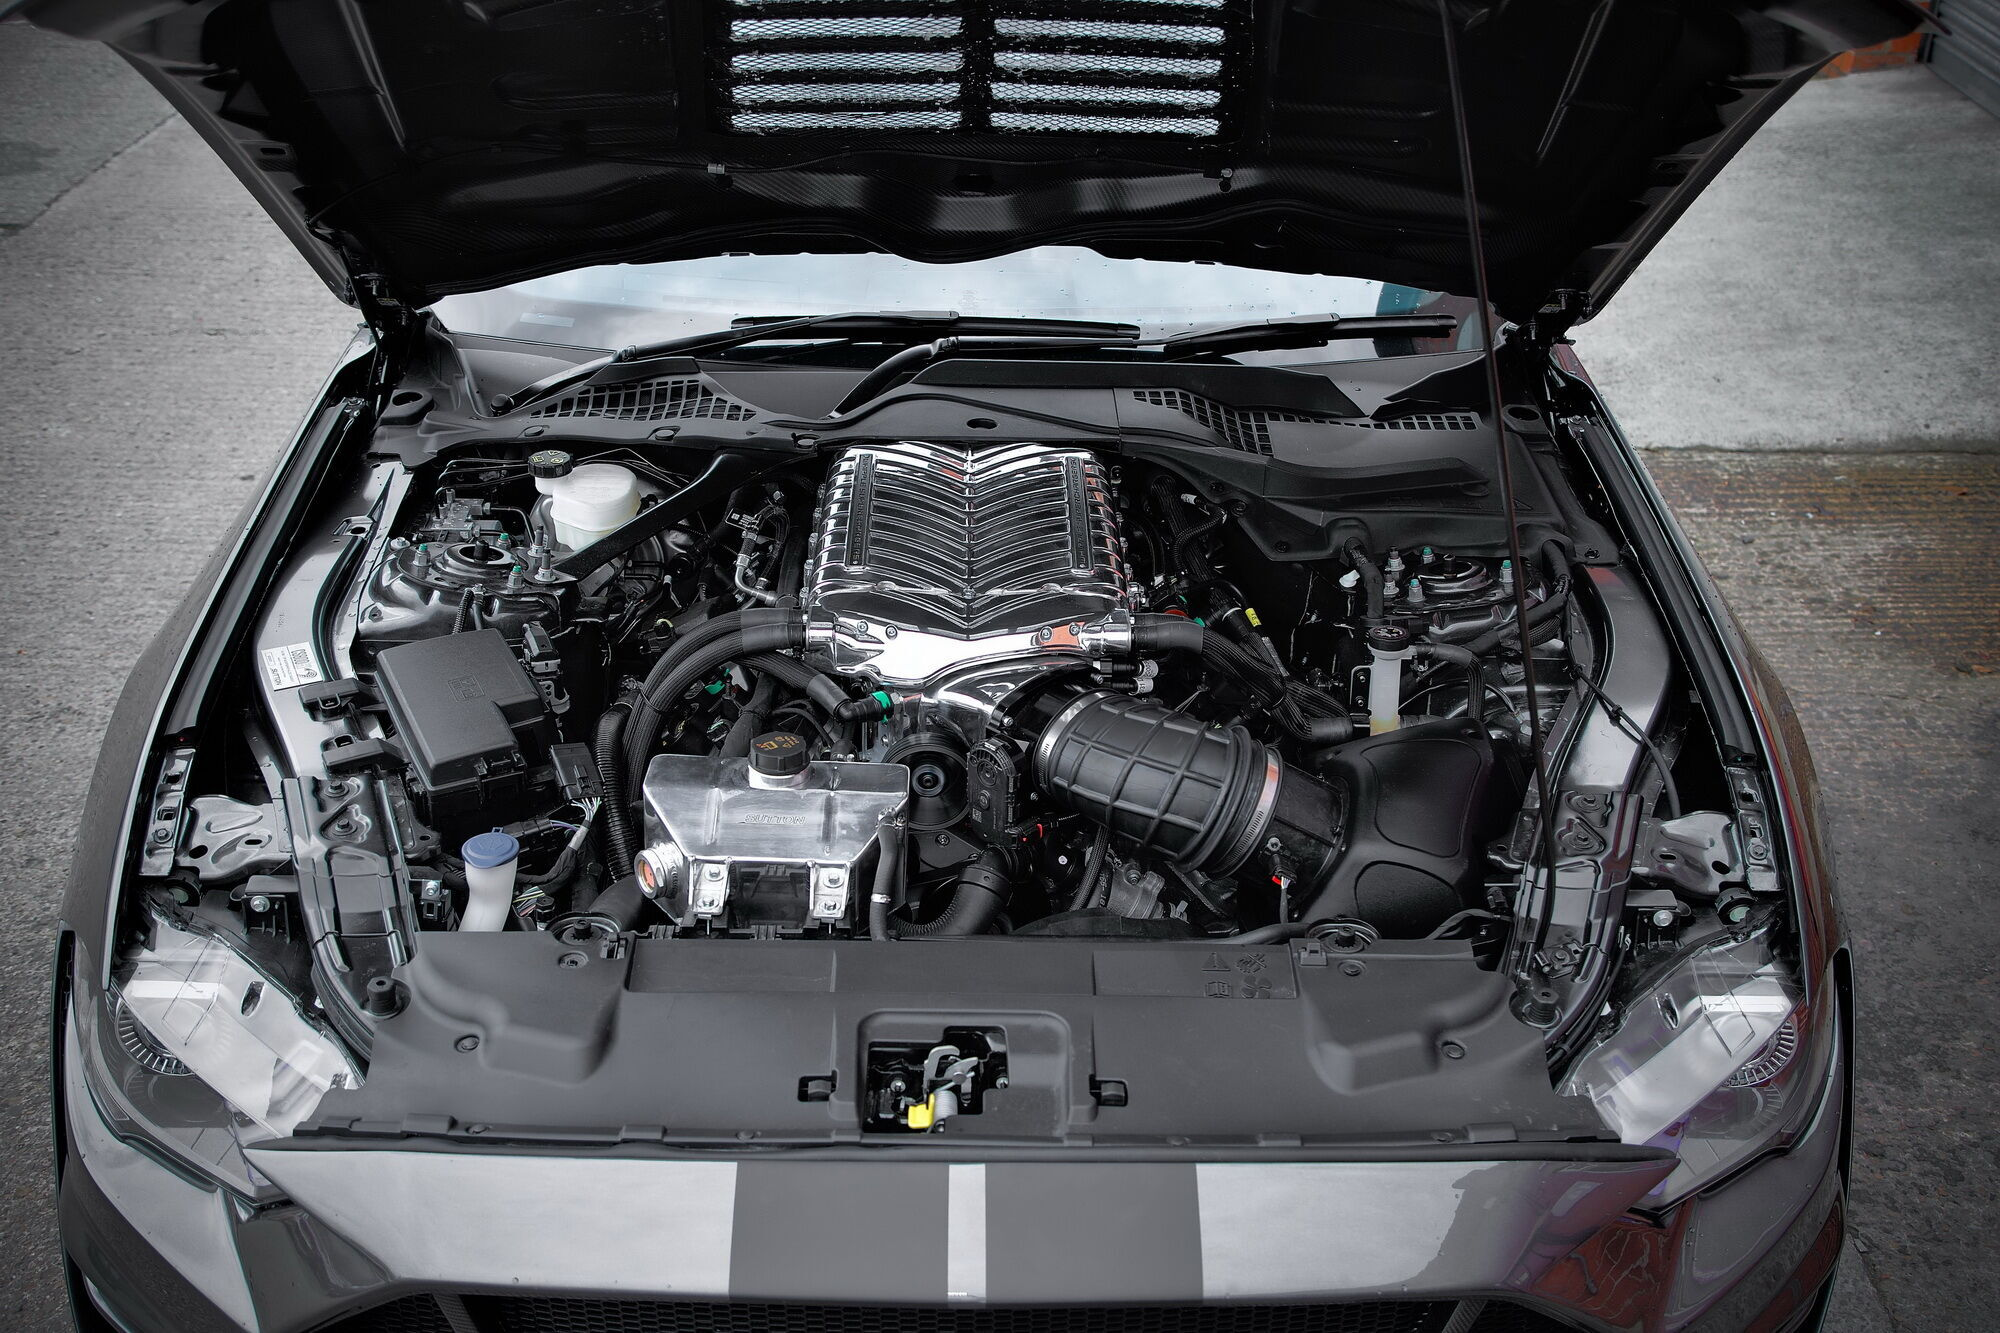 Модель CS850GT отримала форсований мотор, який розвиває 859 к.с.